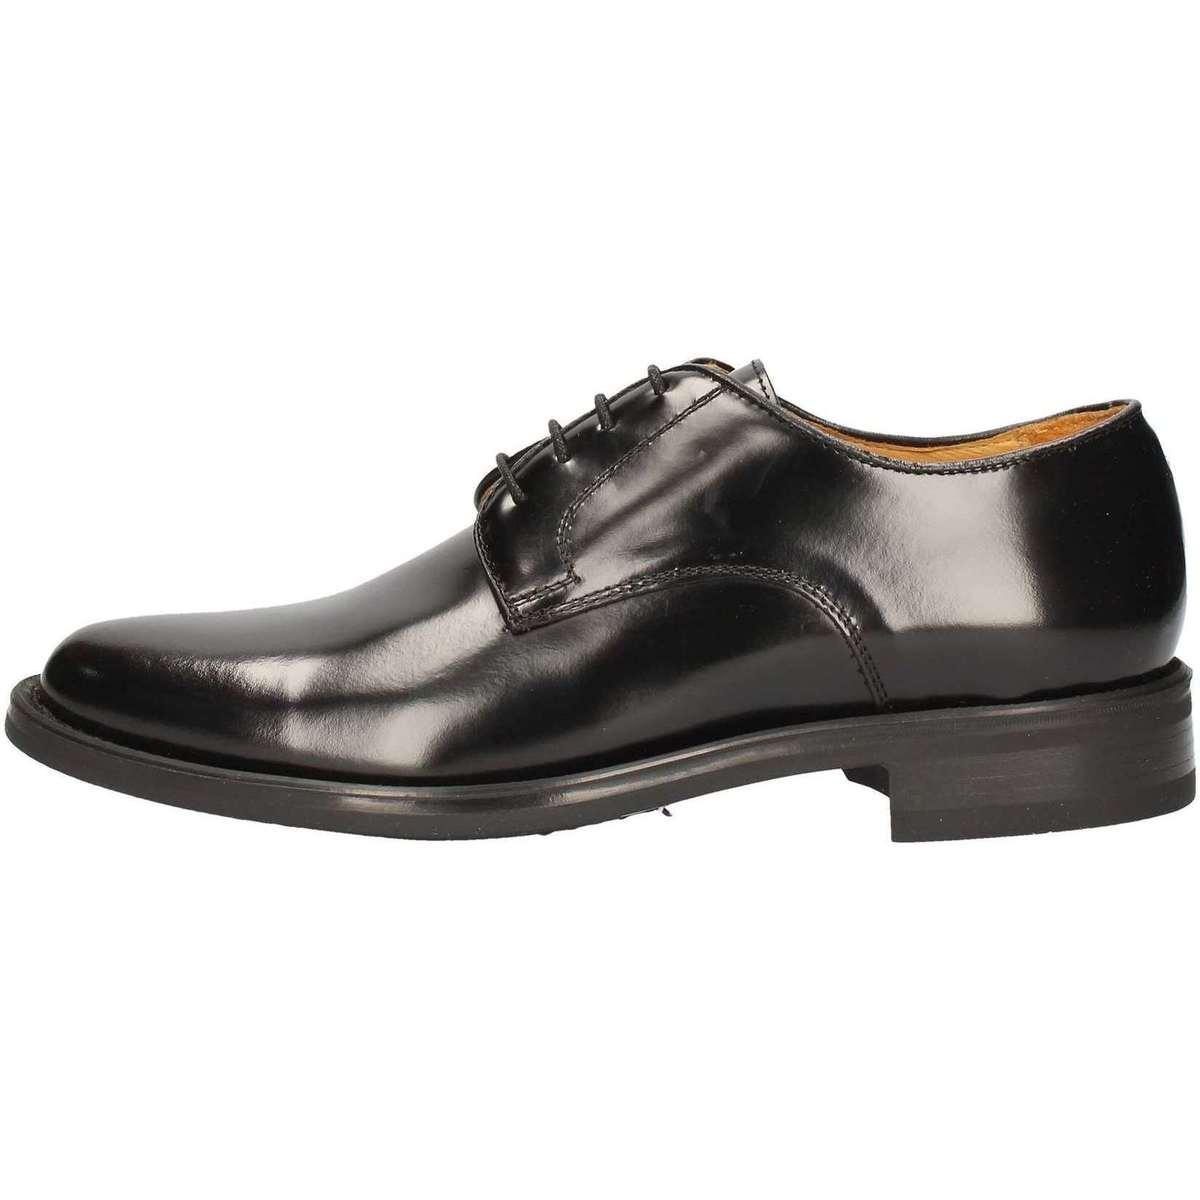 Hudson 901 Lace up shoes Mann Schwarz Schwarz - Schuhe Derby-Schuhe Herren 92,20 €